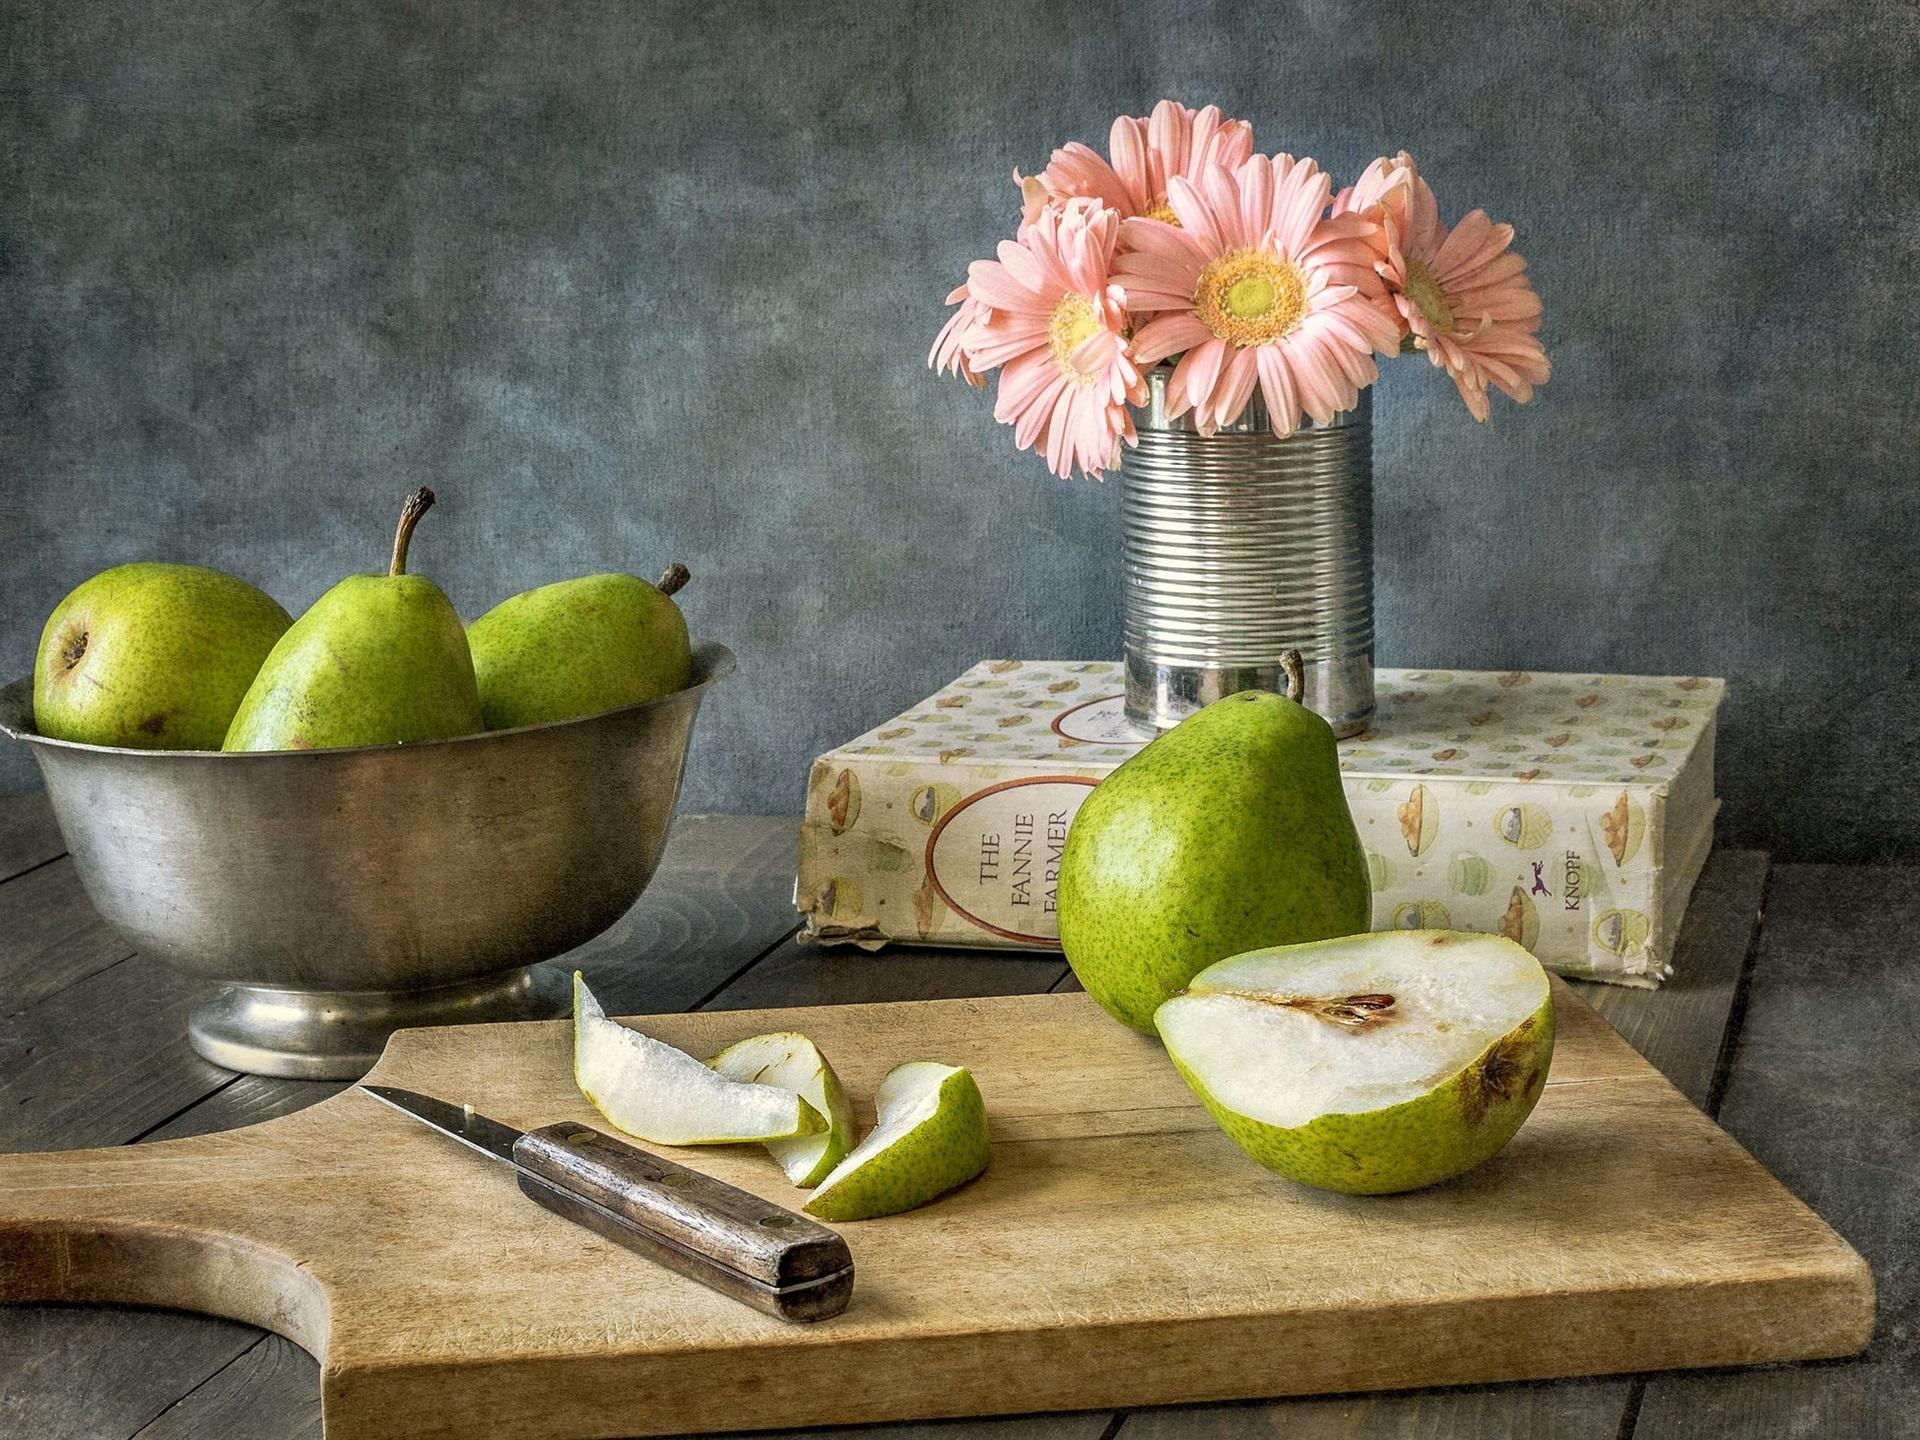 Fondos de pantalla peras fruta flores cuchillo for Cuchillo fruta